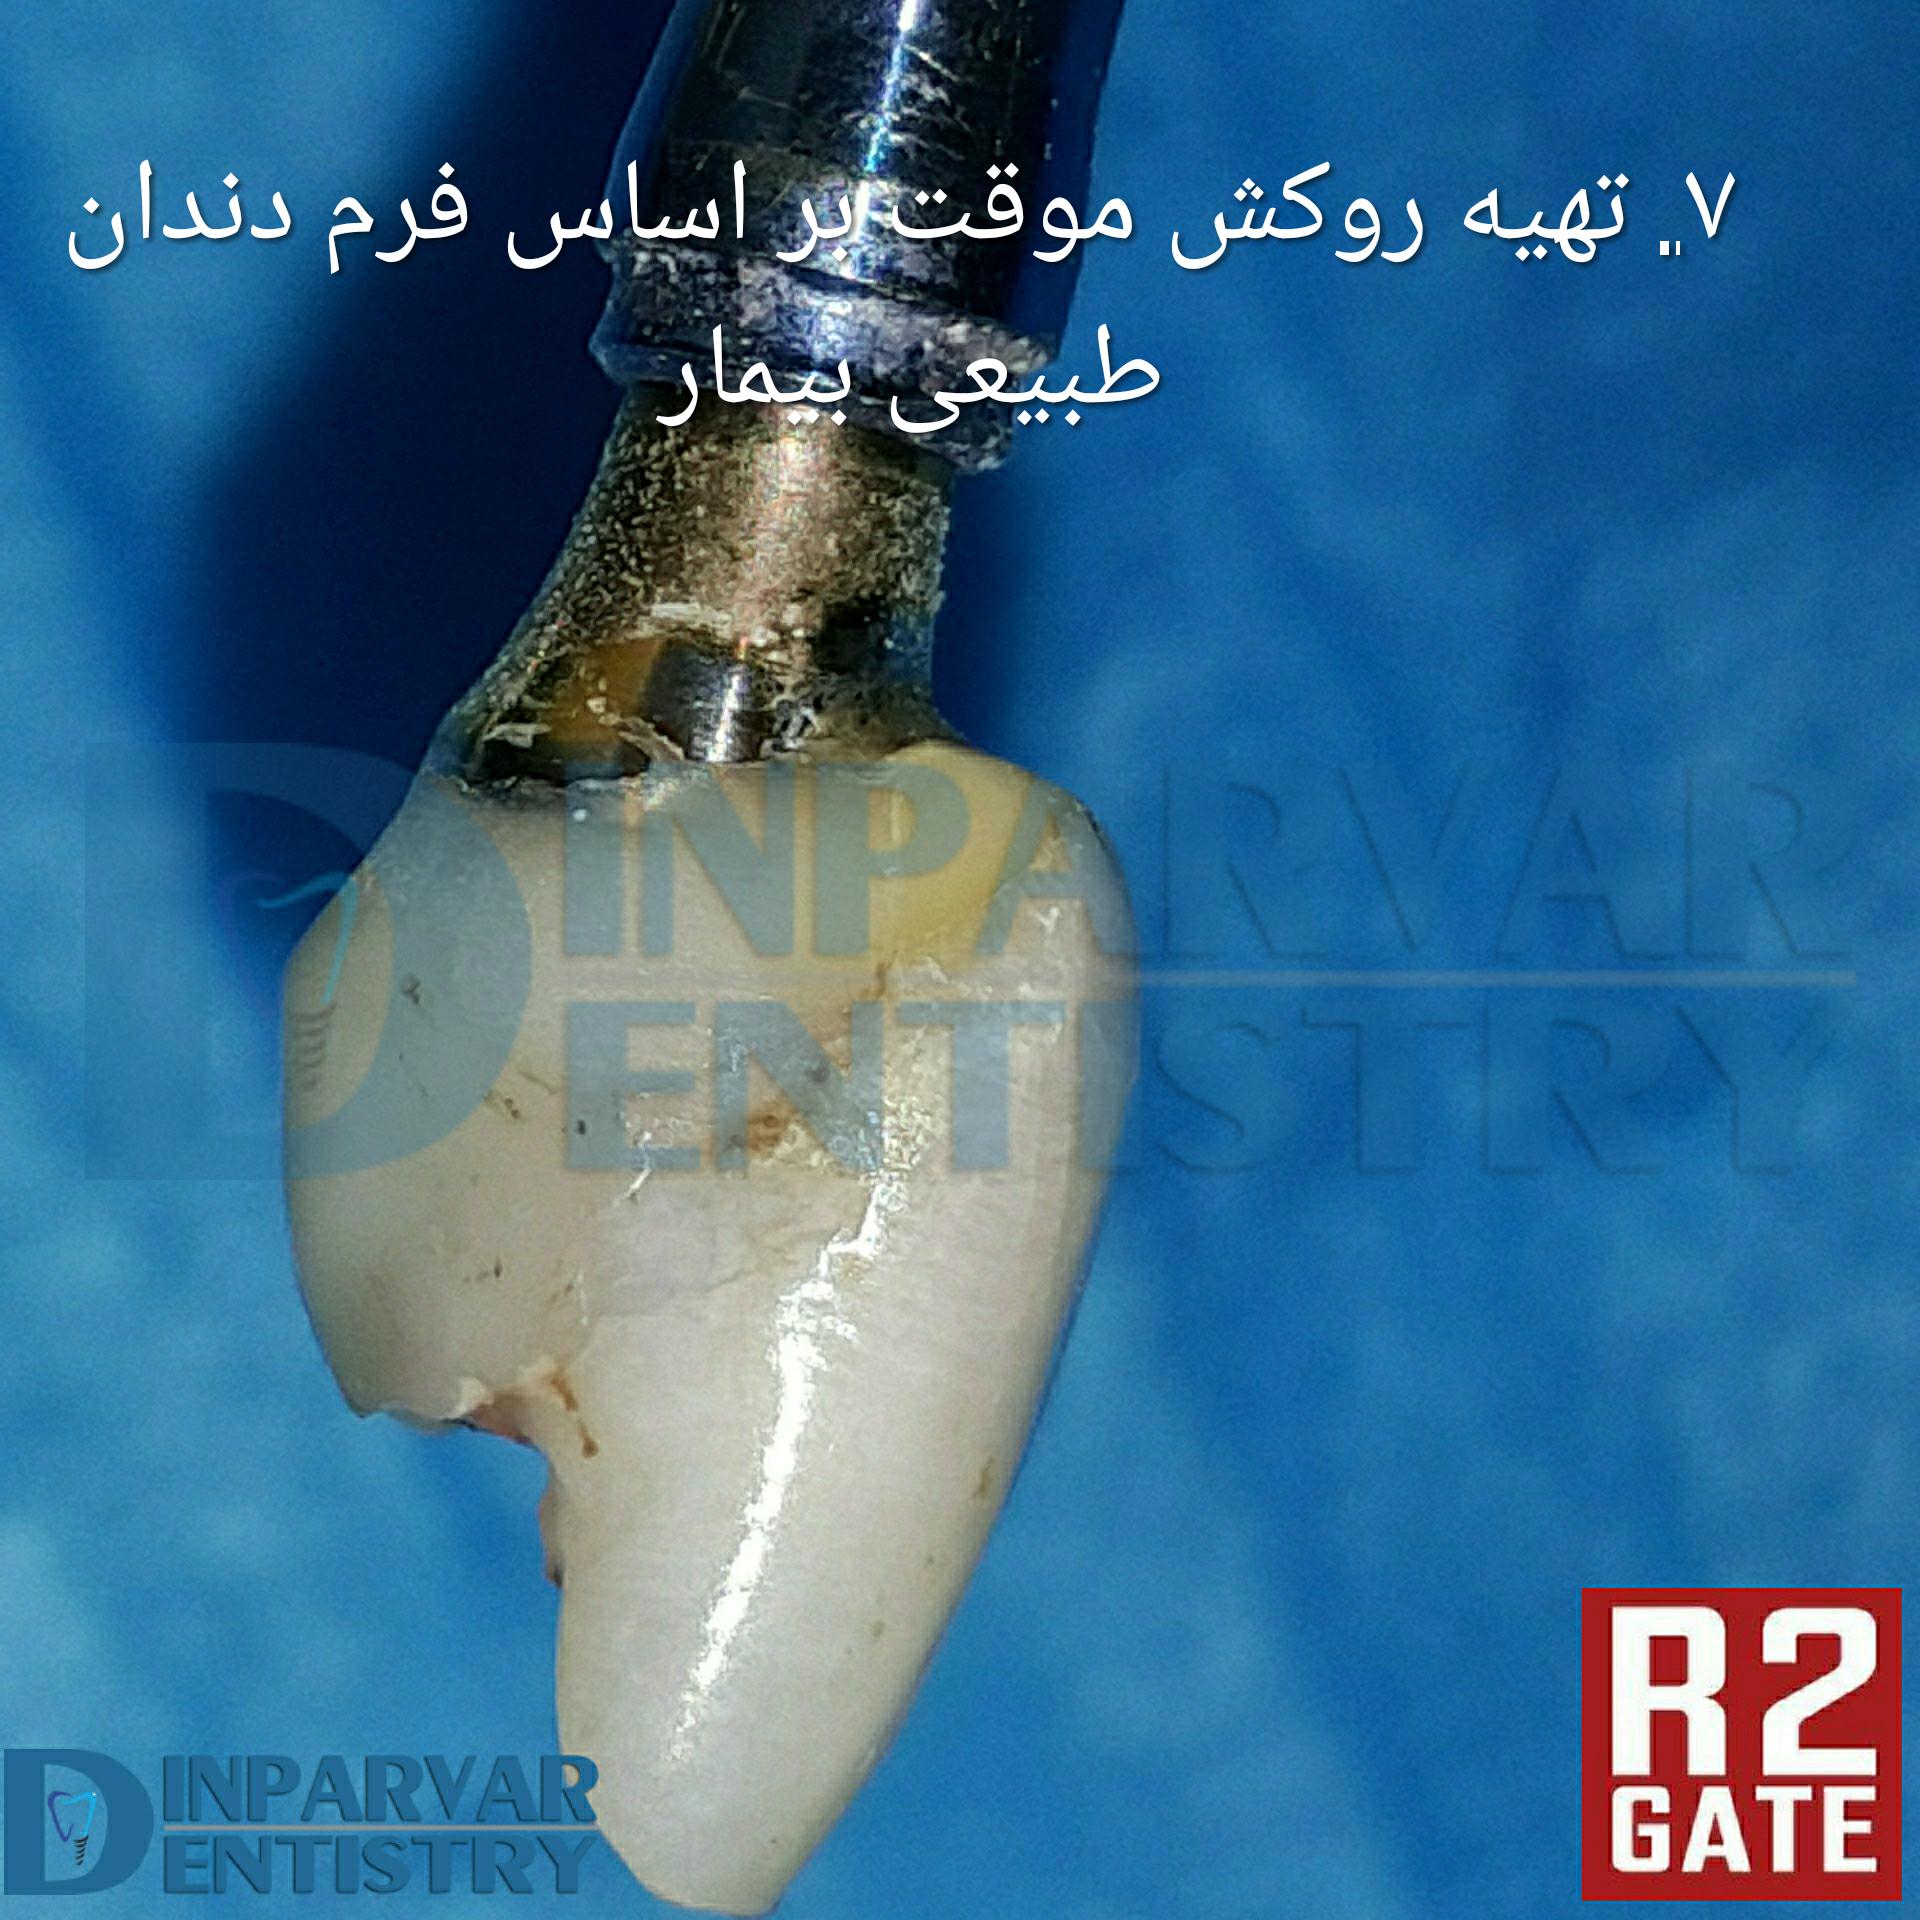 تصویر هفت : درمان ایمپلنت یکروزه همزمان با خارج کردن دندان قدامی فک بالا